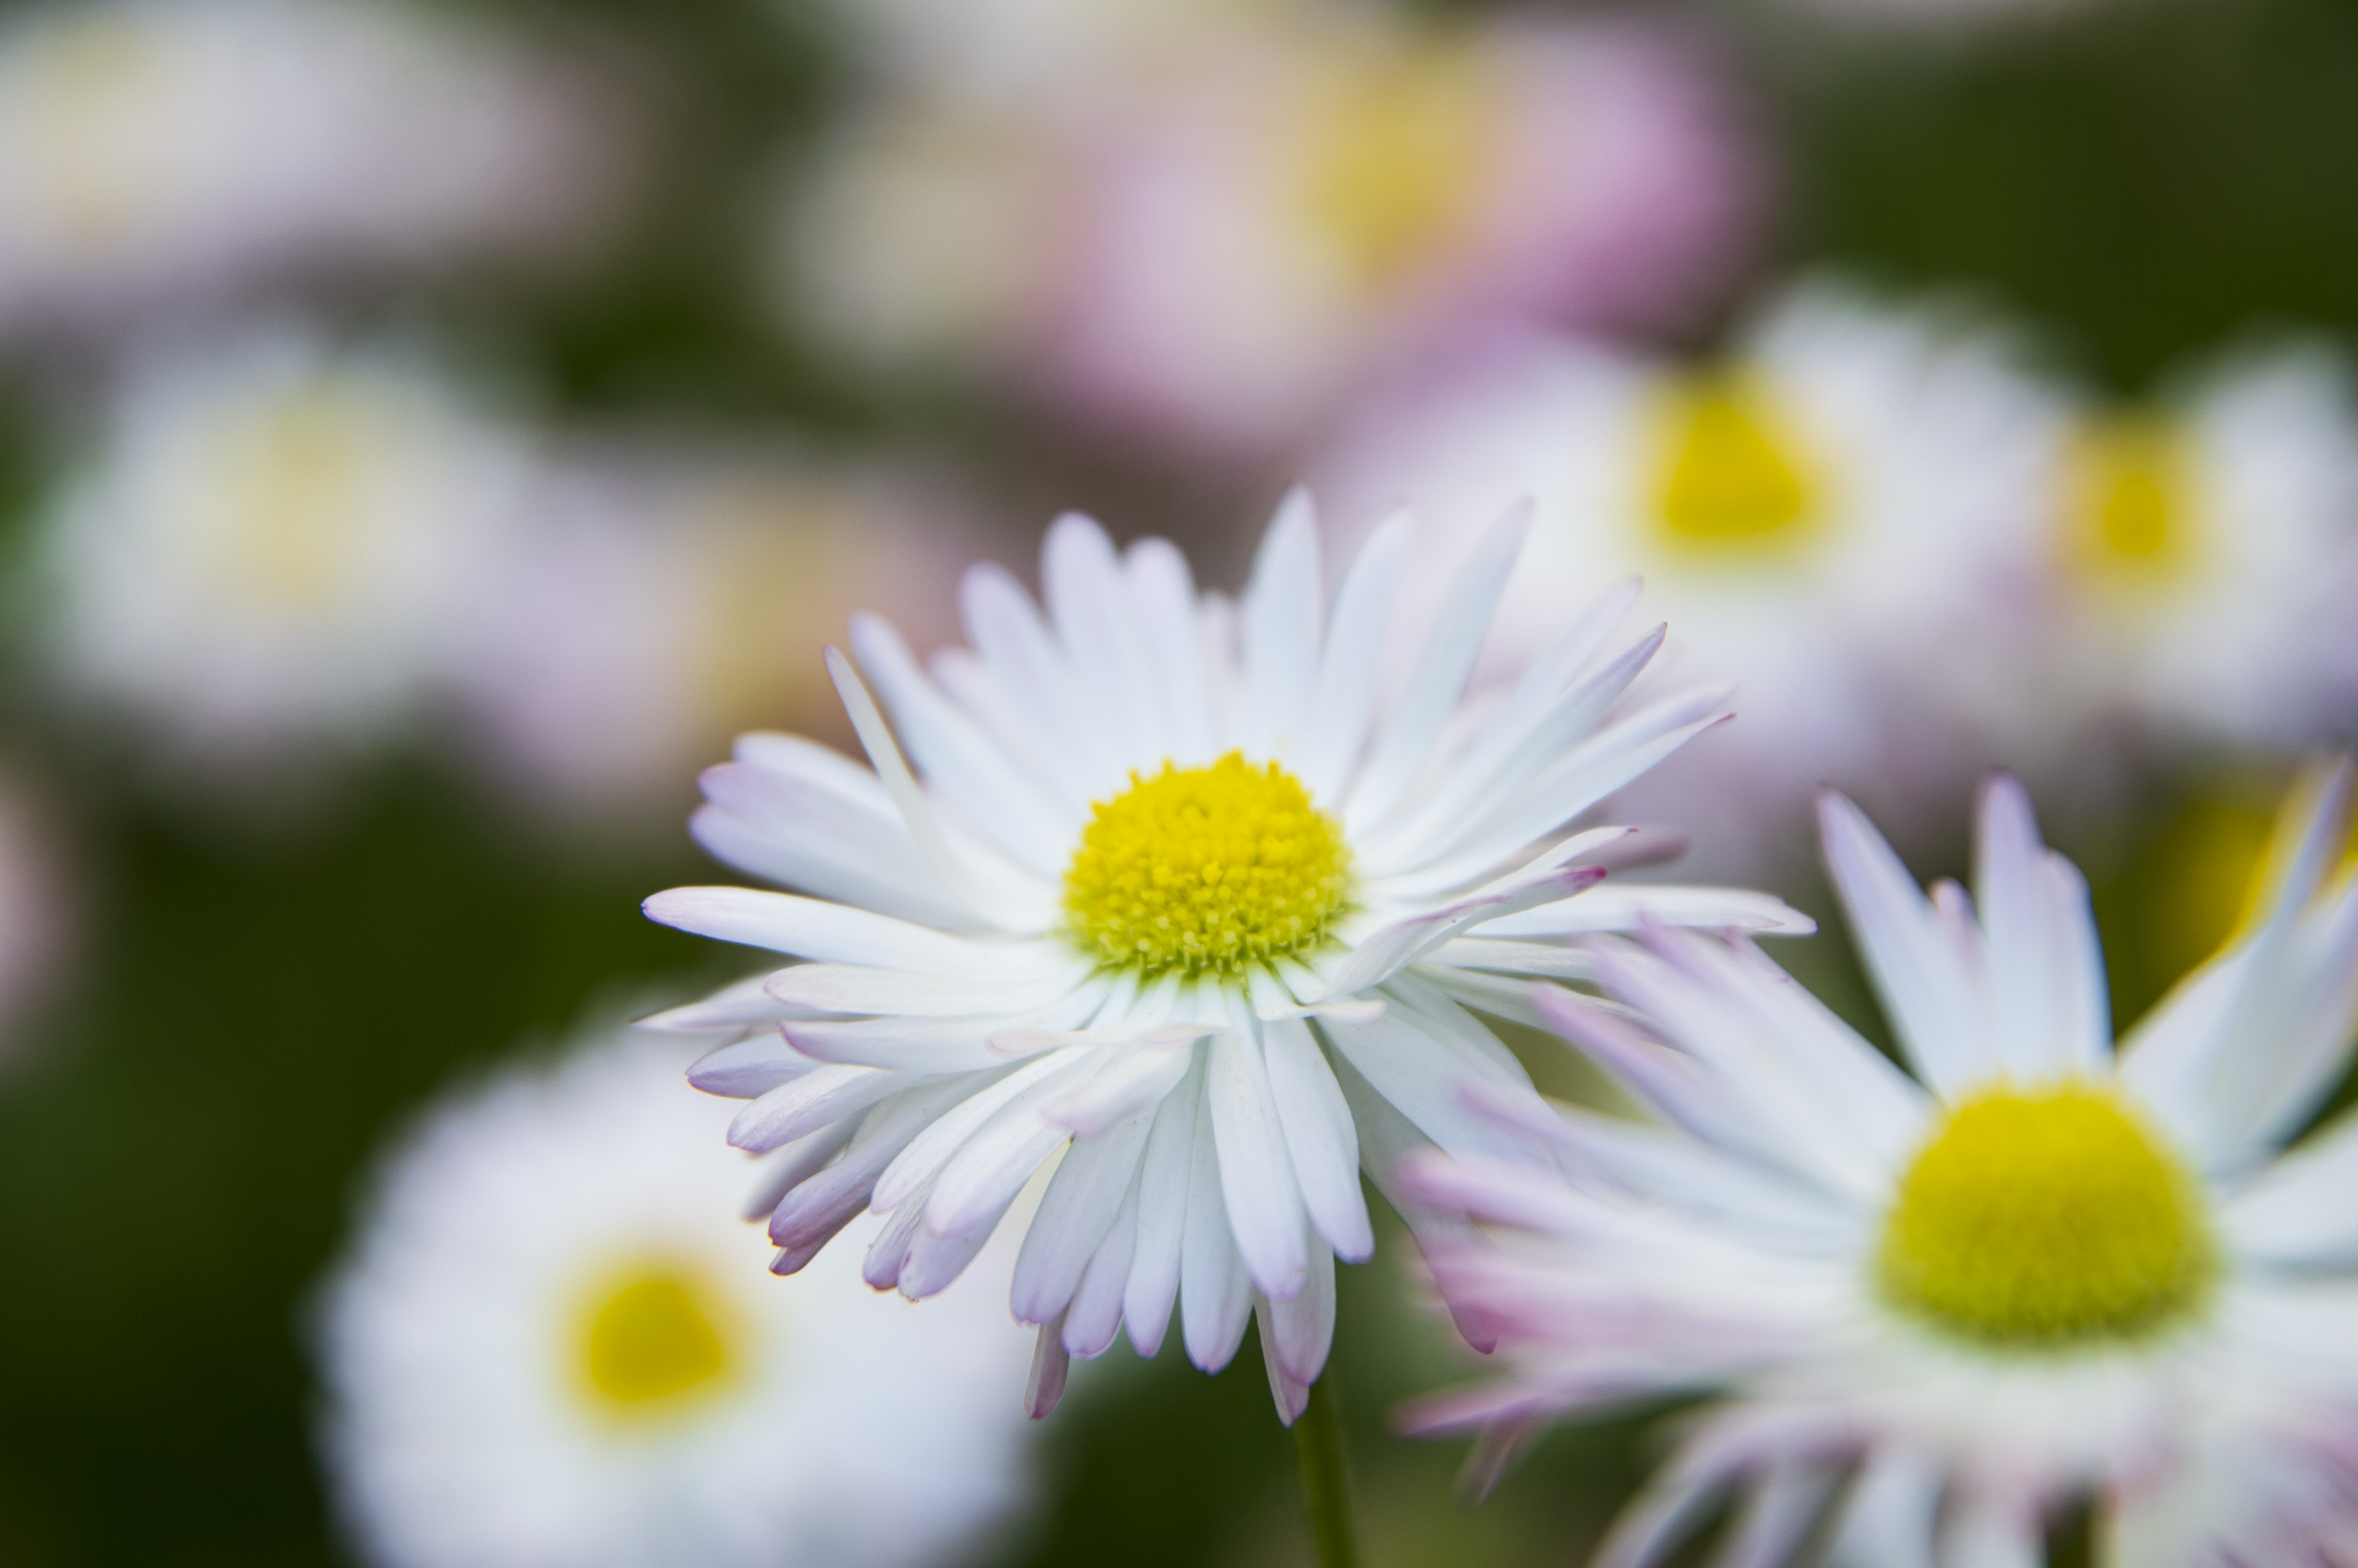 Saulutė (gėlė)